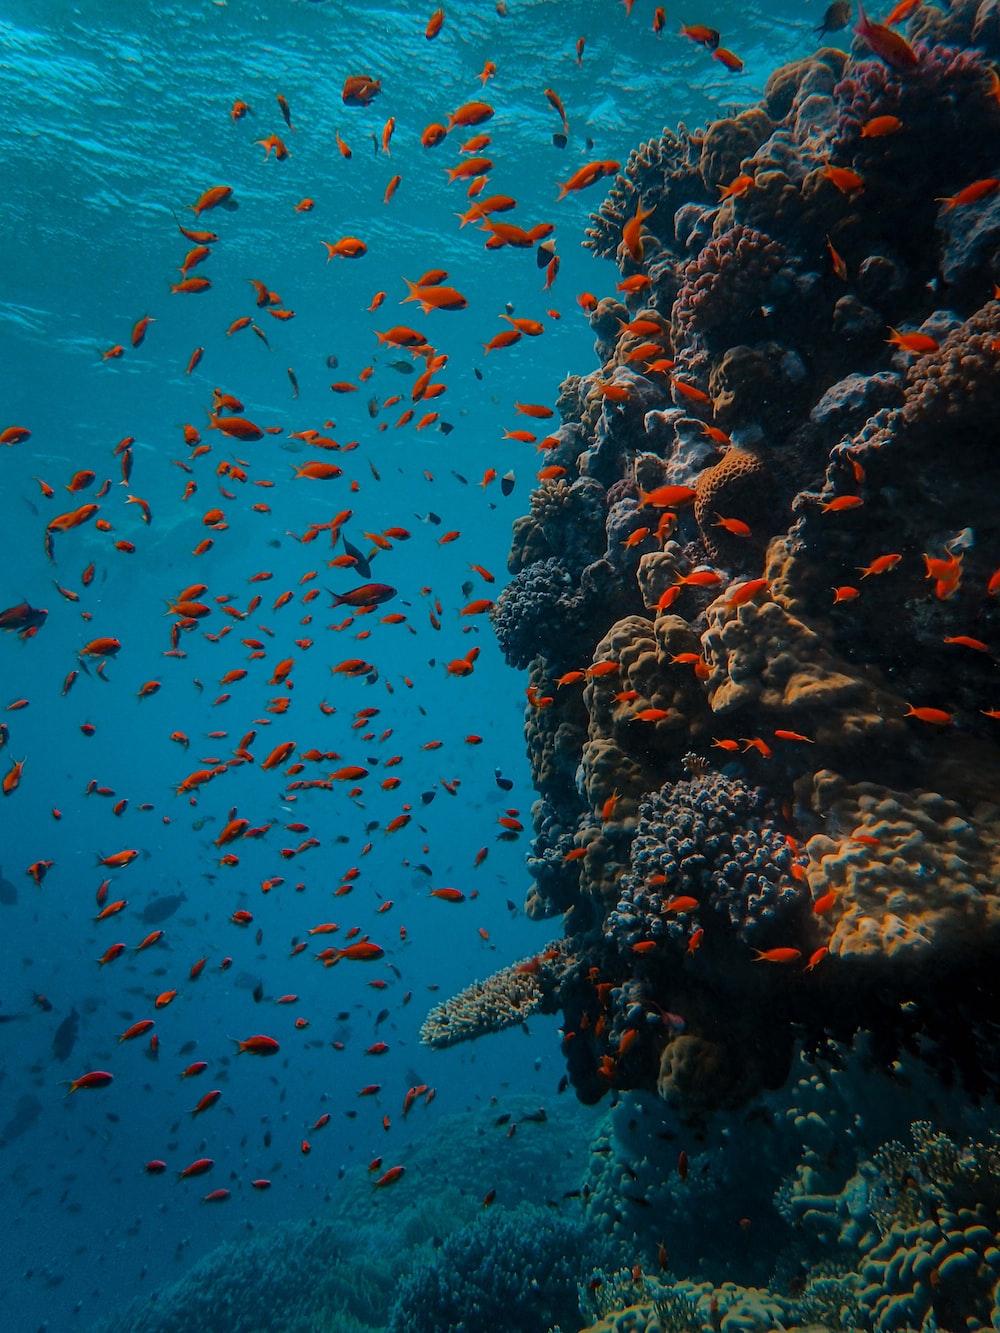 school of orange fish